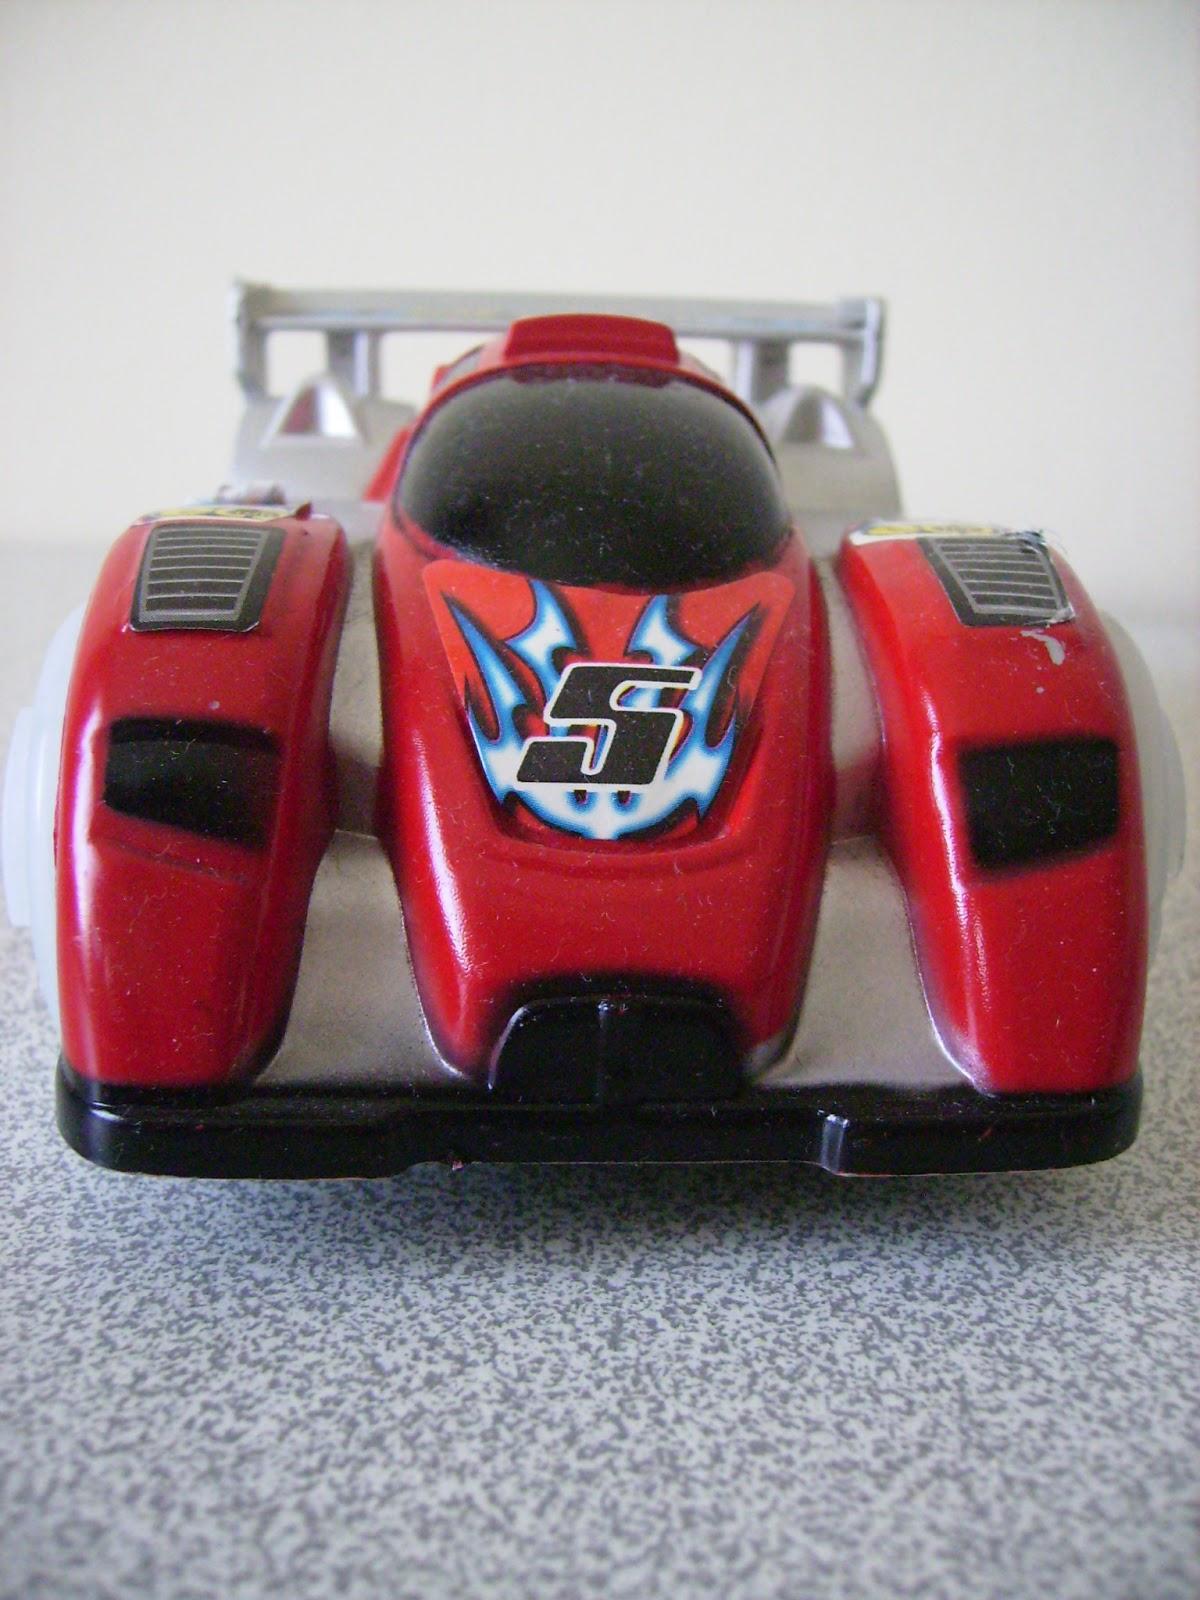 ışıklı arabalar, kırmızı oyuncak araba, müzikli arabalar